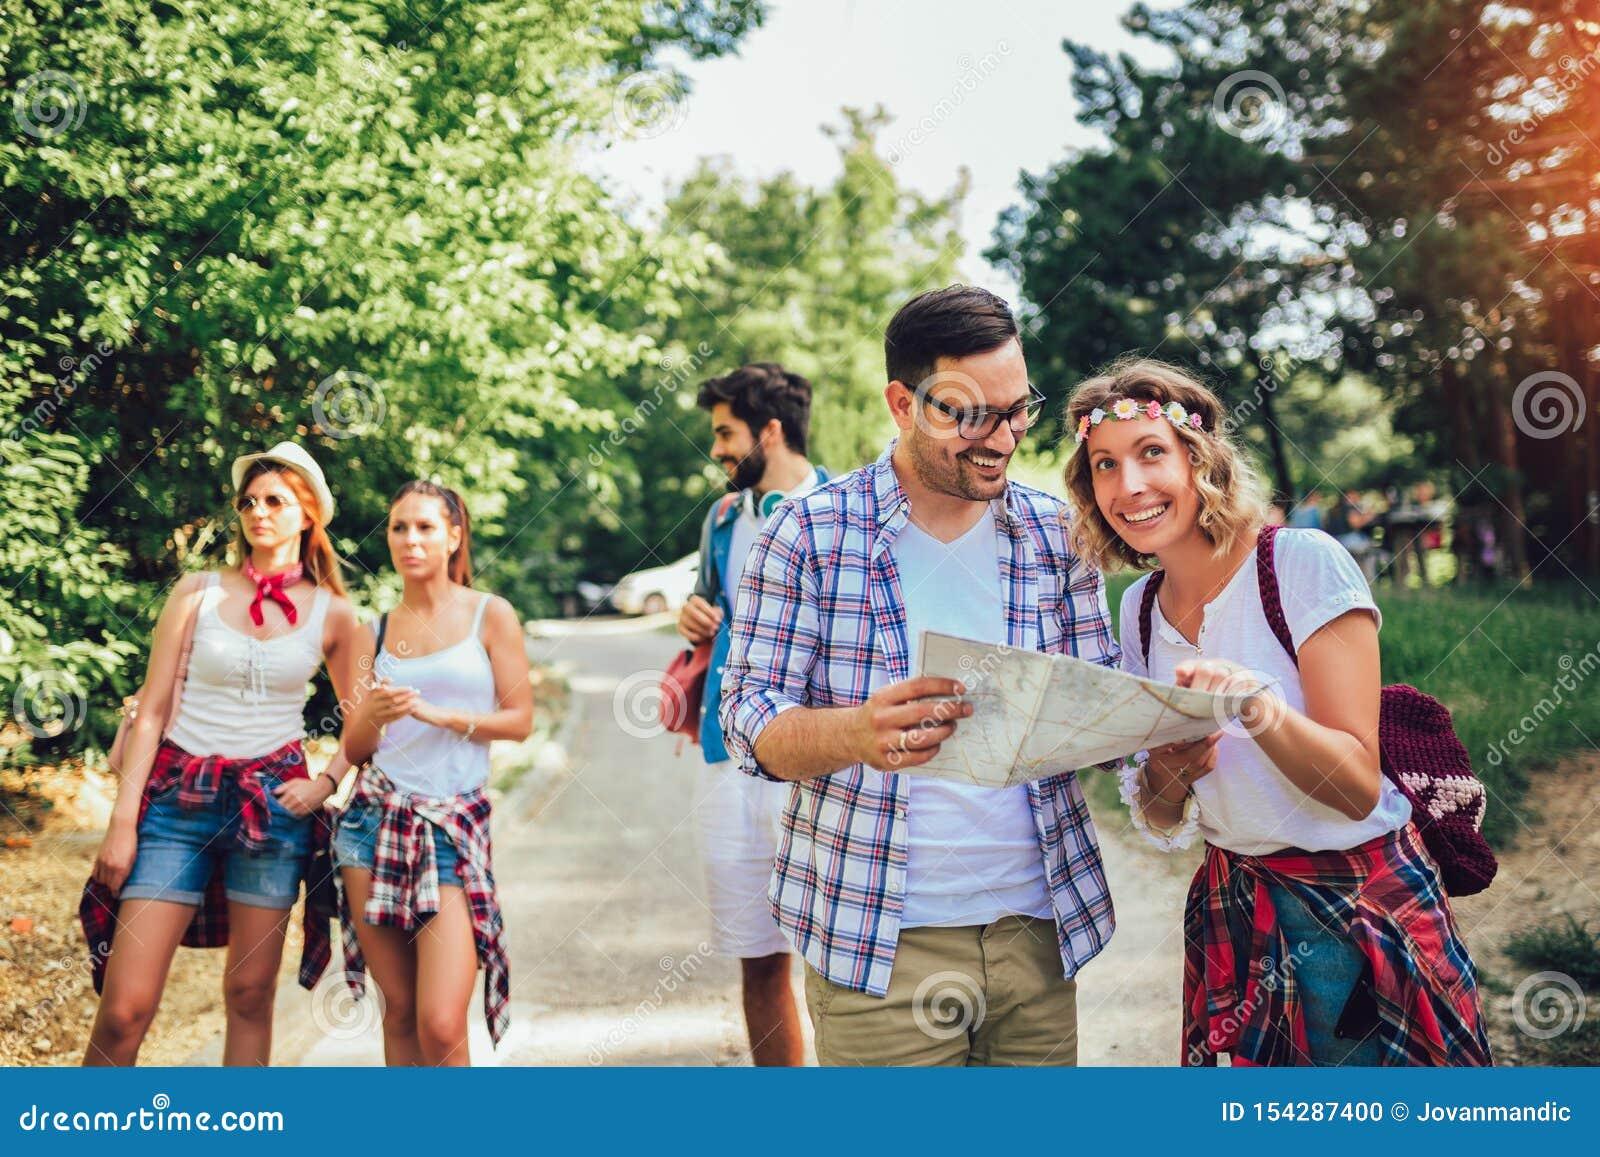 Χαμογελώντας φίλοι που περπατούν με τα σακίδια πλάτης στα ξύλα - περιπέτεια, ταξίδι, τουρισμός, πεζοπορώ και έννοια ανθρώπων